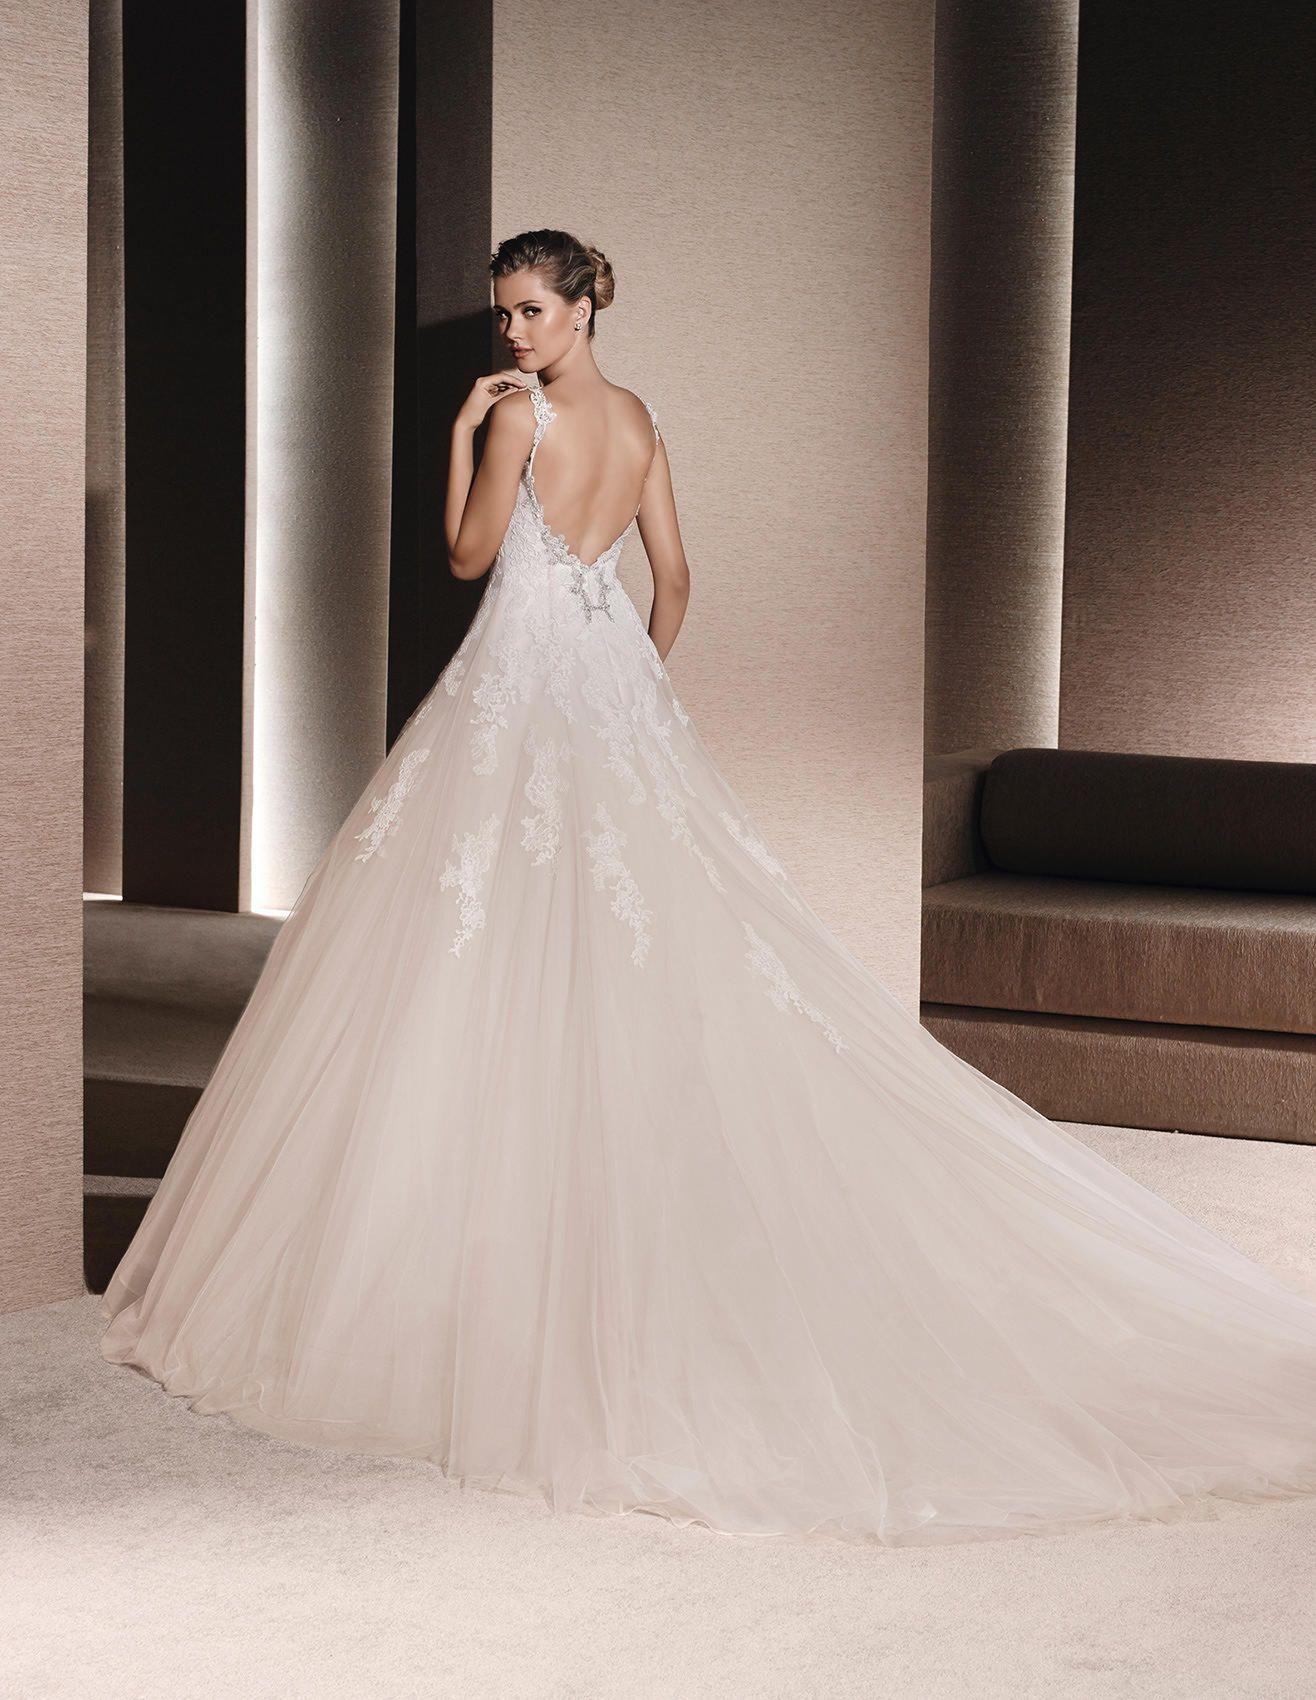 RICARDA - Brautkleid mit Spitze und Schmucksteinbesatz | La Sposa ...